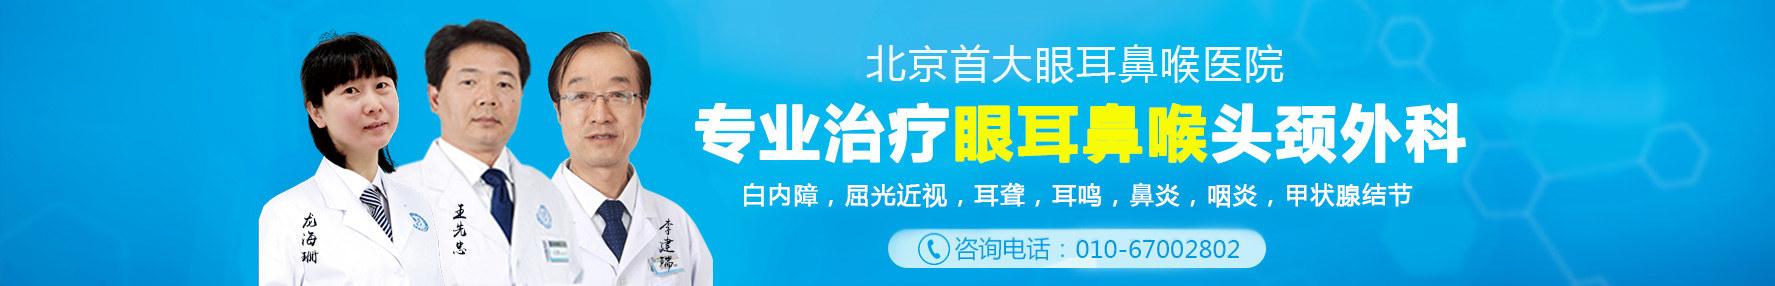 北京耳鼻喉医院哪家好